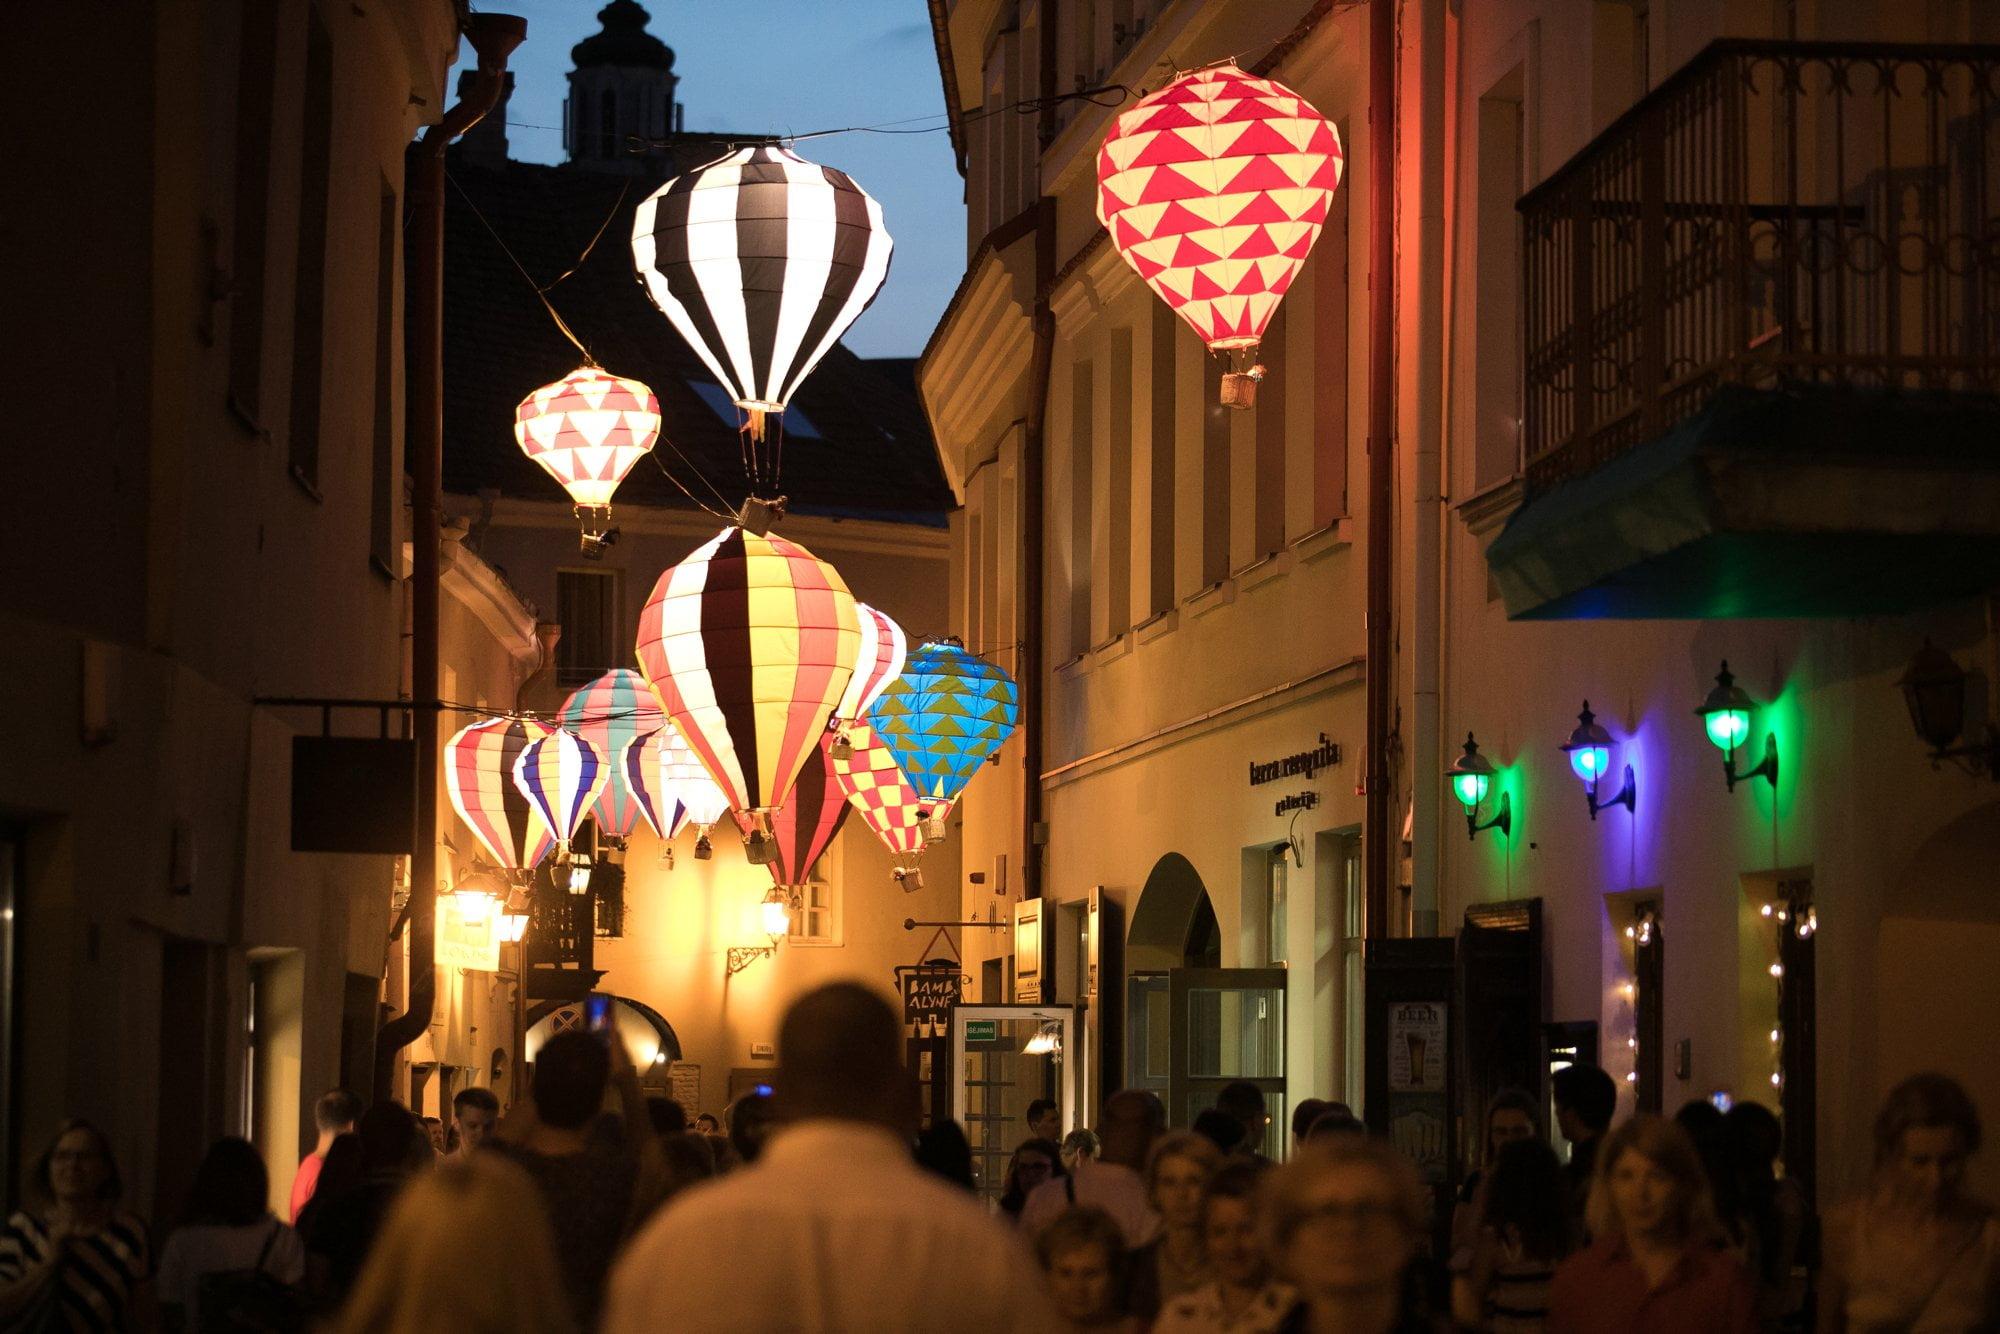 zdjęcie ilustracyjne. Tłum osób podczas Nocy Kultury, ponad głowami podświetlona instalacja artystyczna składająca się z małych kolorowych balonów lotniczych